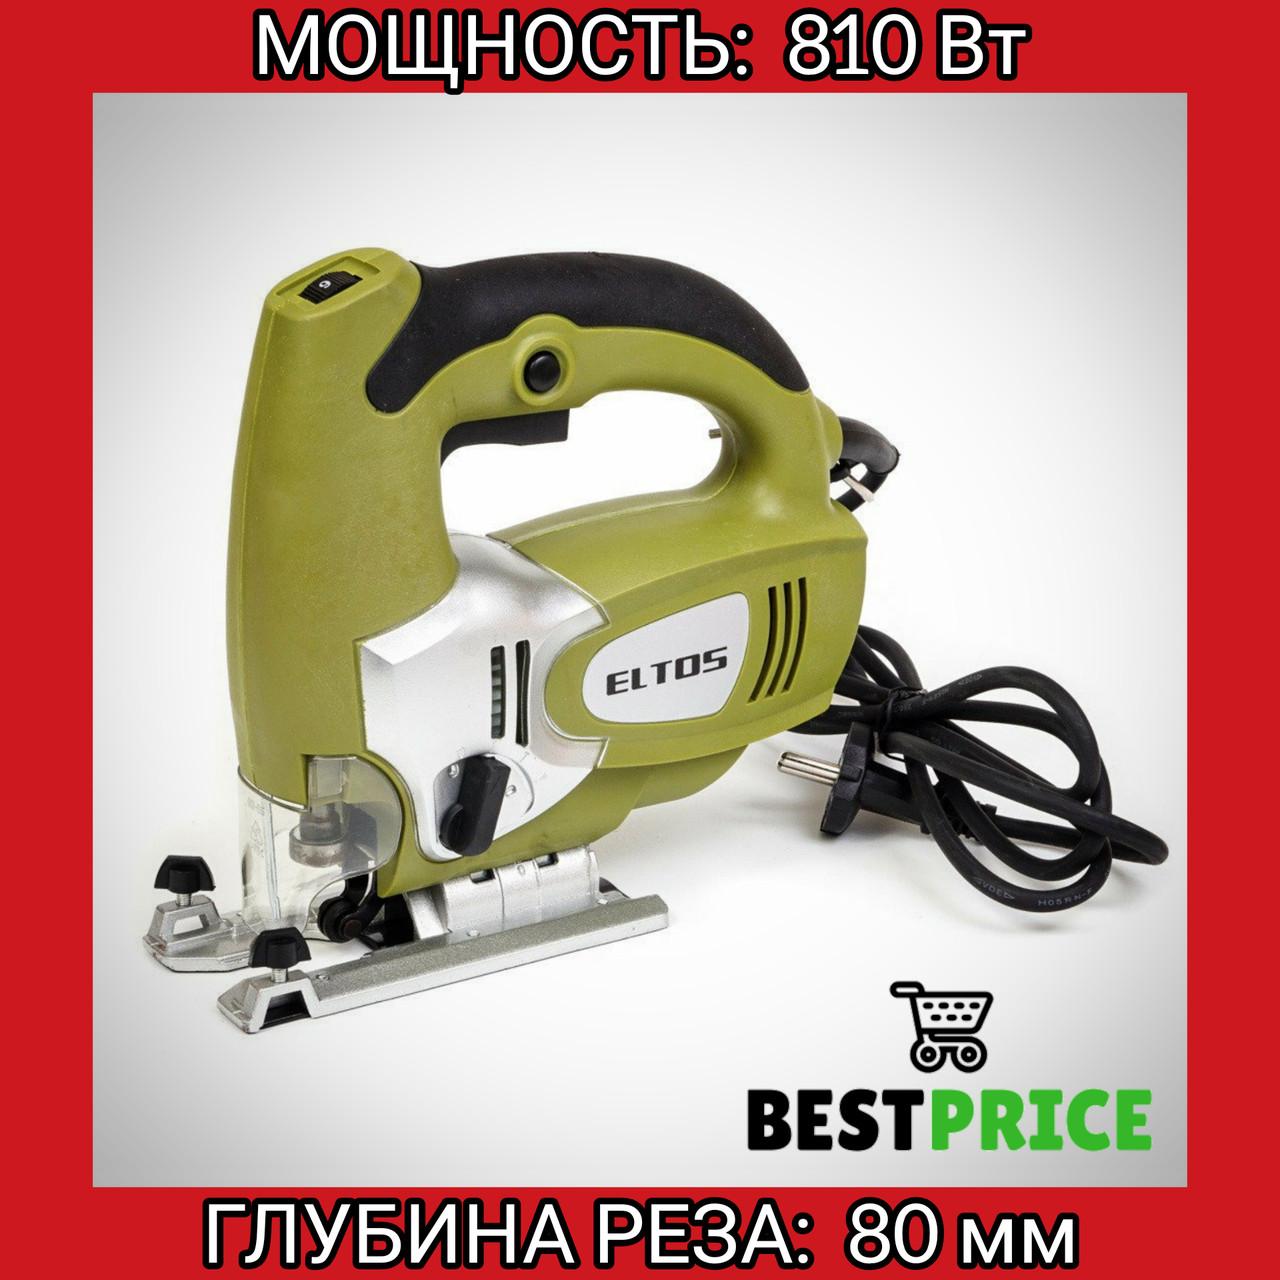 Лобзик Eltos - 80 мм, 810 Вт